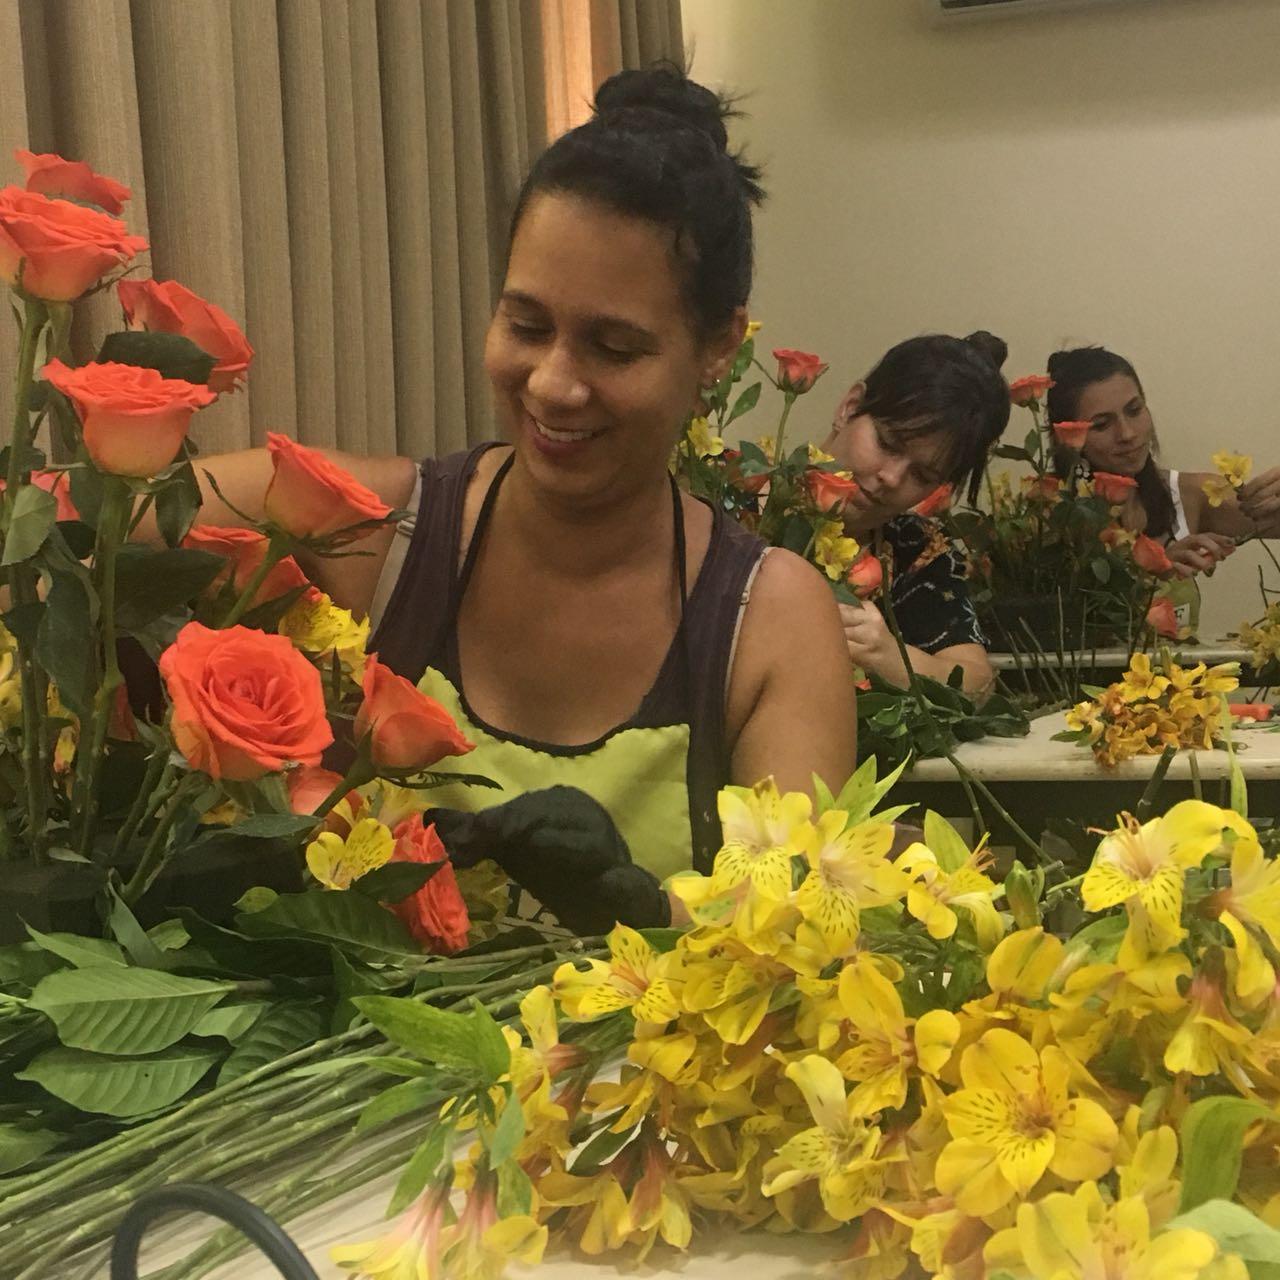 Aluna do curso técnico profissionalizante em arte floral para decoradores de eventos confeccionando arranjo